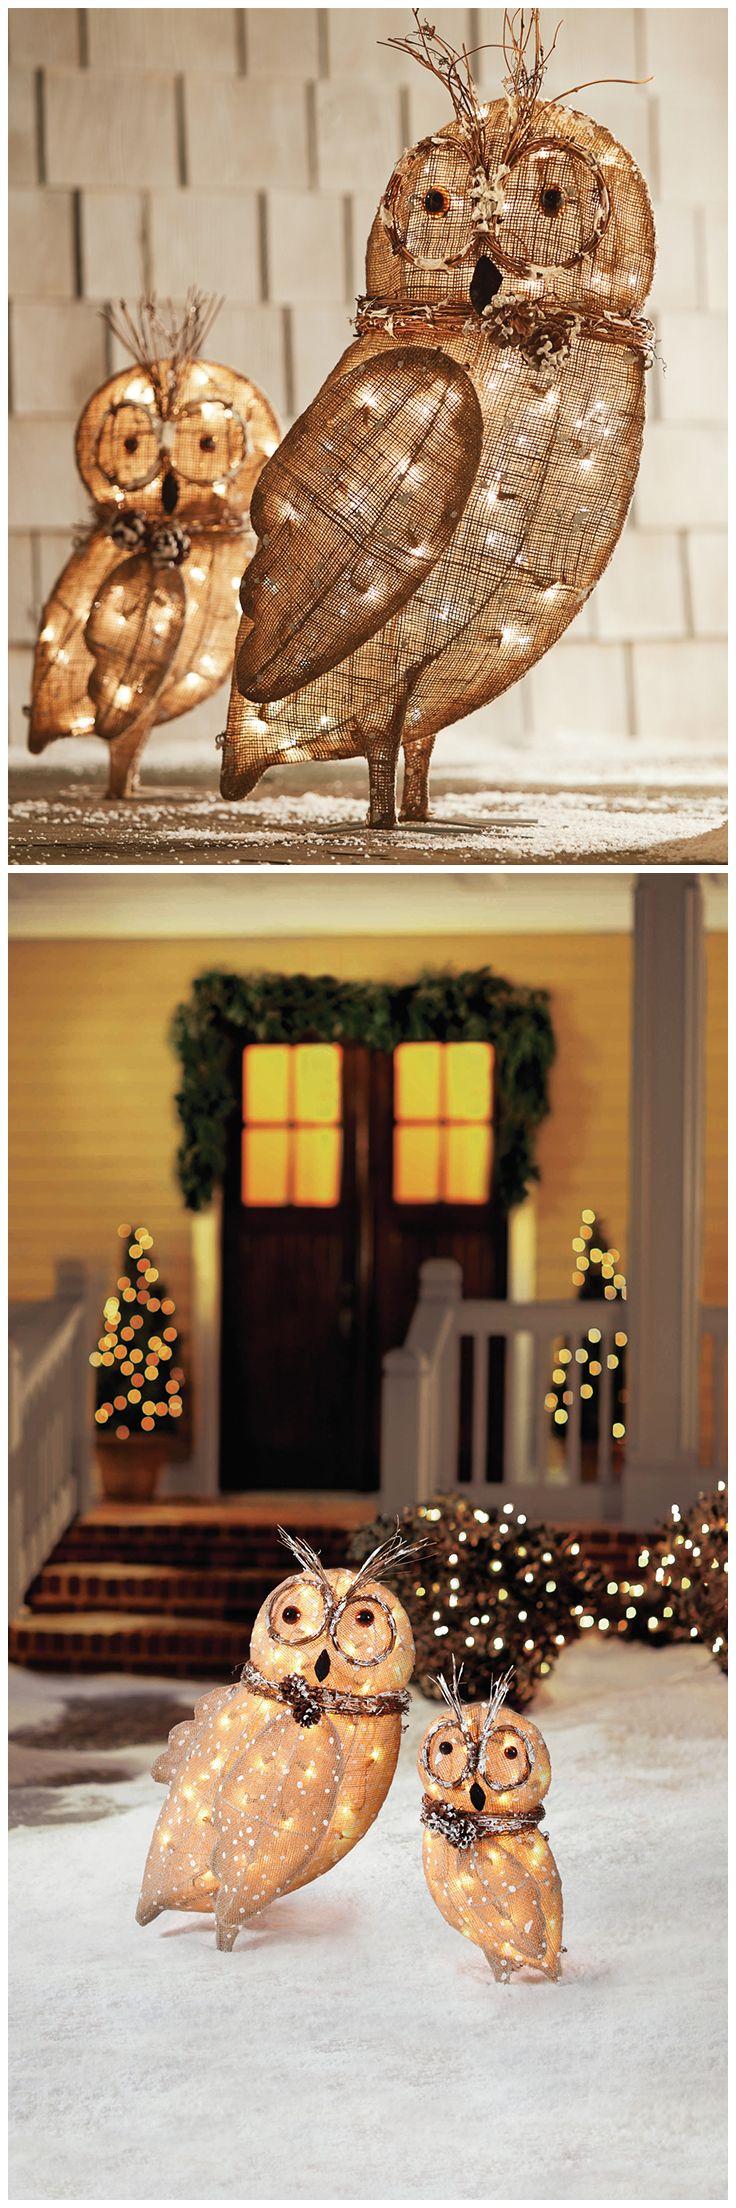 کاردستی هایی برای تزئینات و دکور کریسمس و جشنها!